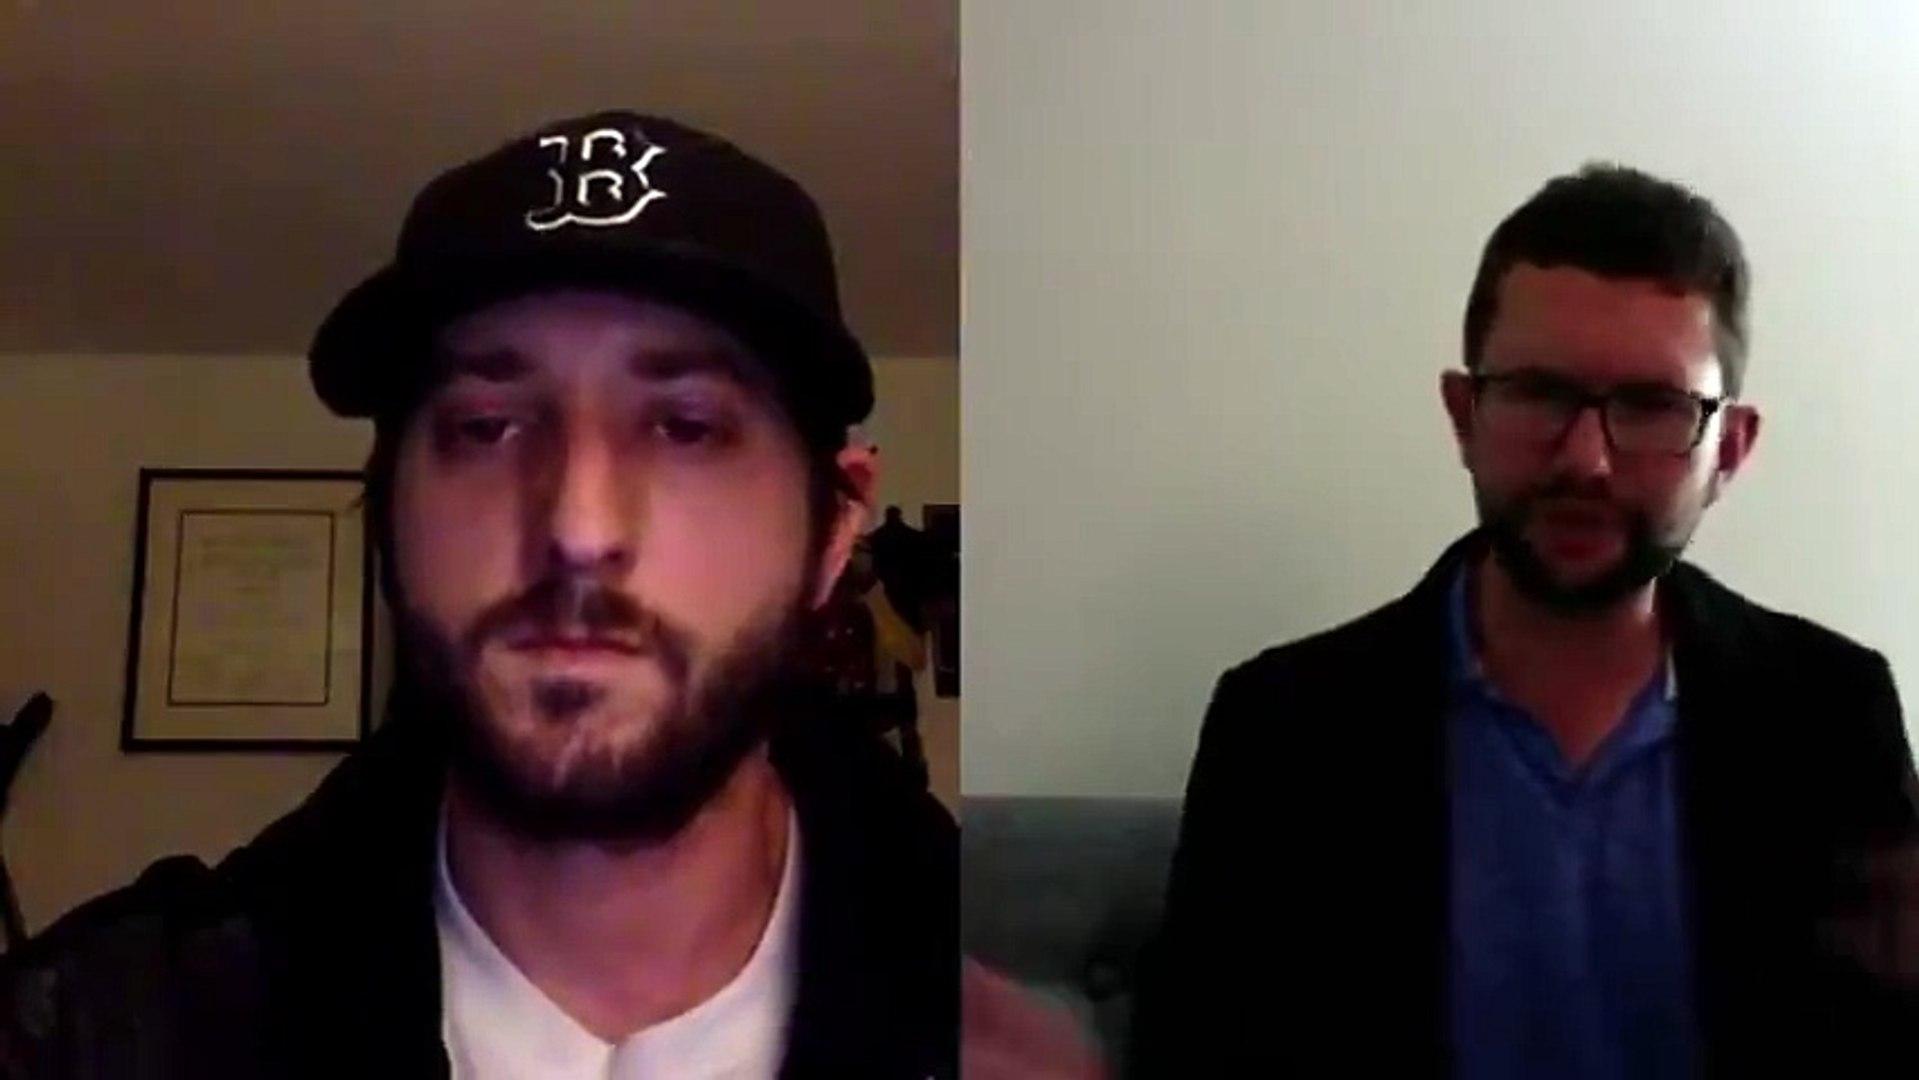 Titus Frost / David Seaman livestream 5.25.2018 - QANON, Trump, Pizzagate